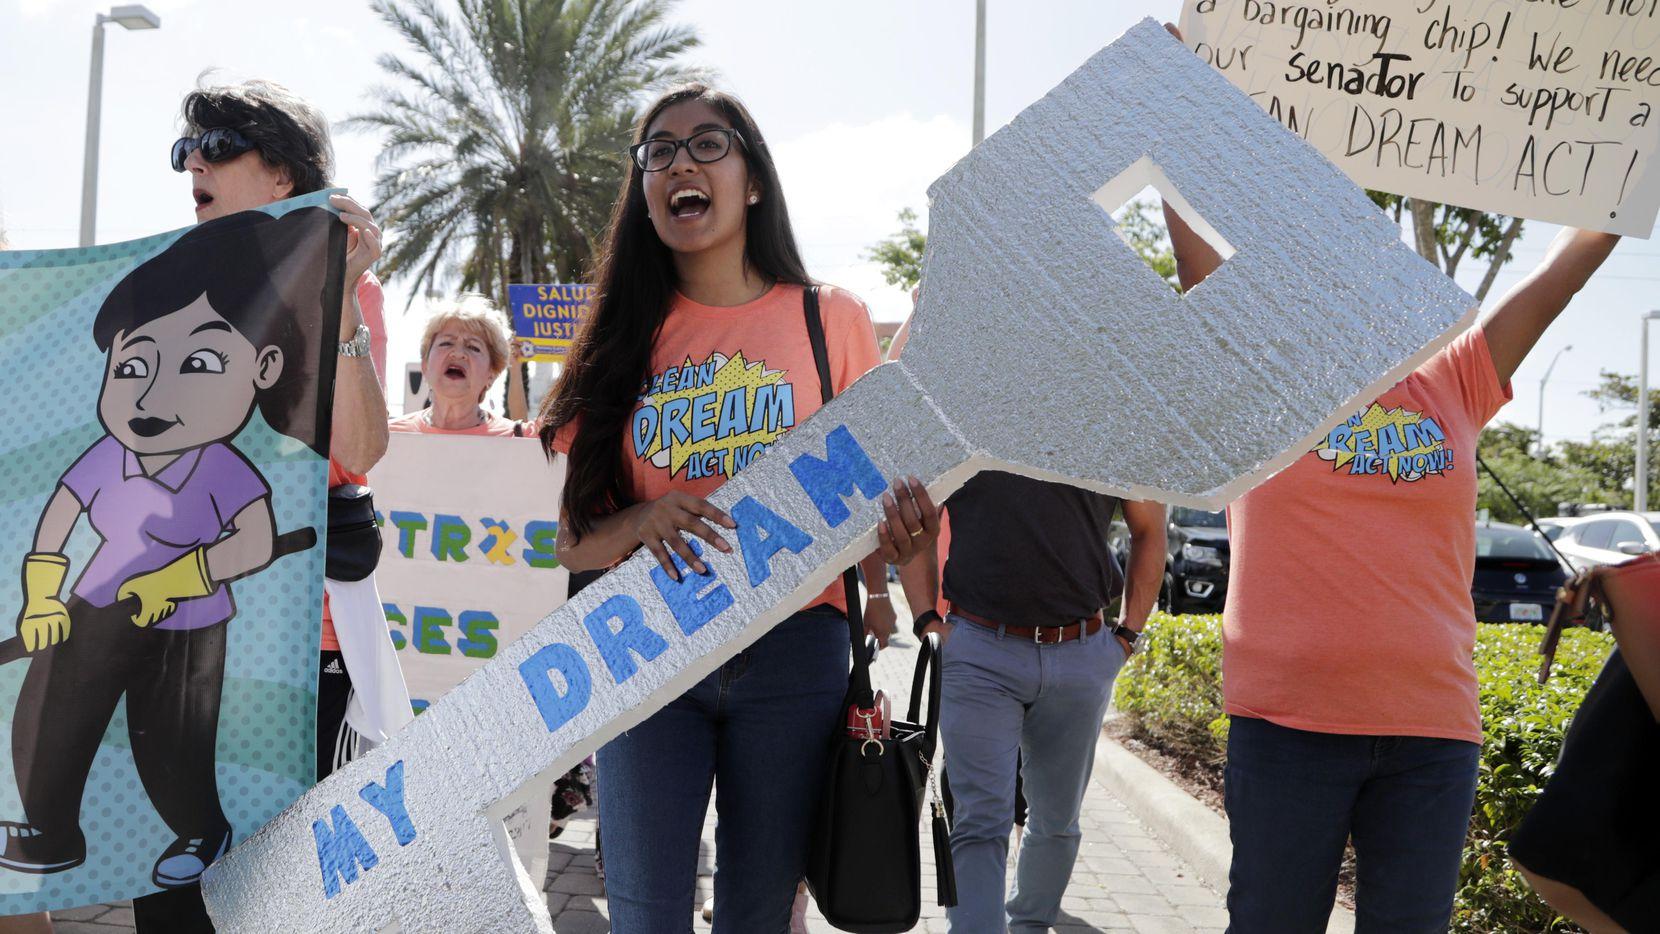 Una manifestante protesta afuera de la oficina del senador de Florida Marco Rubio.(AP)